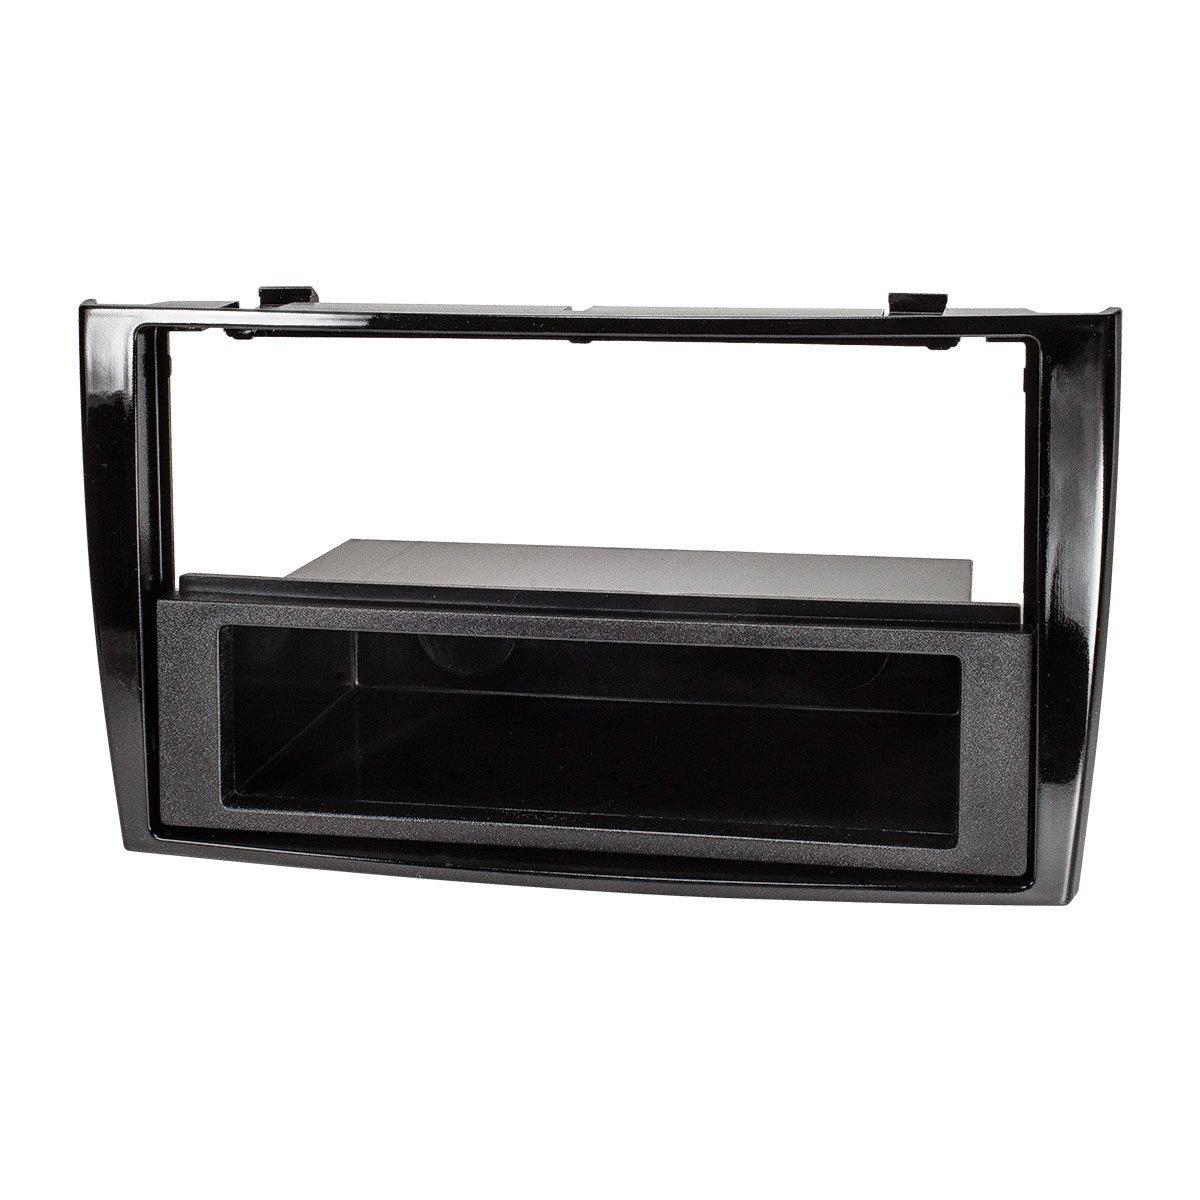 tomzz Audio /® 2440-018 Radioblende f/ür Peugeot 308 308CC RCZ Piano schwarz gl/änzend